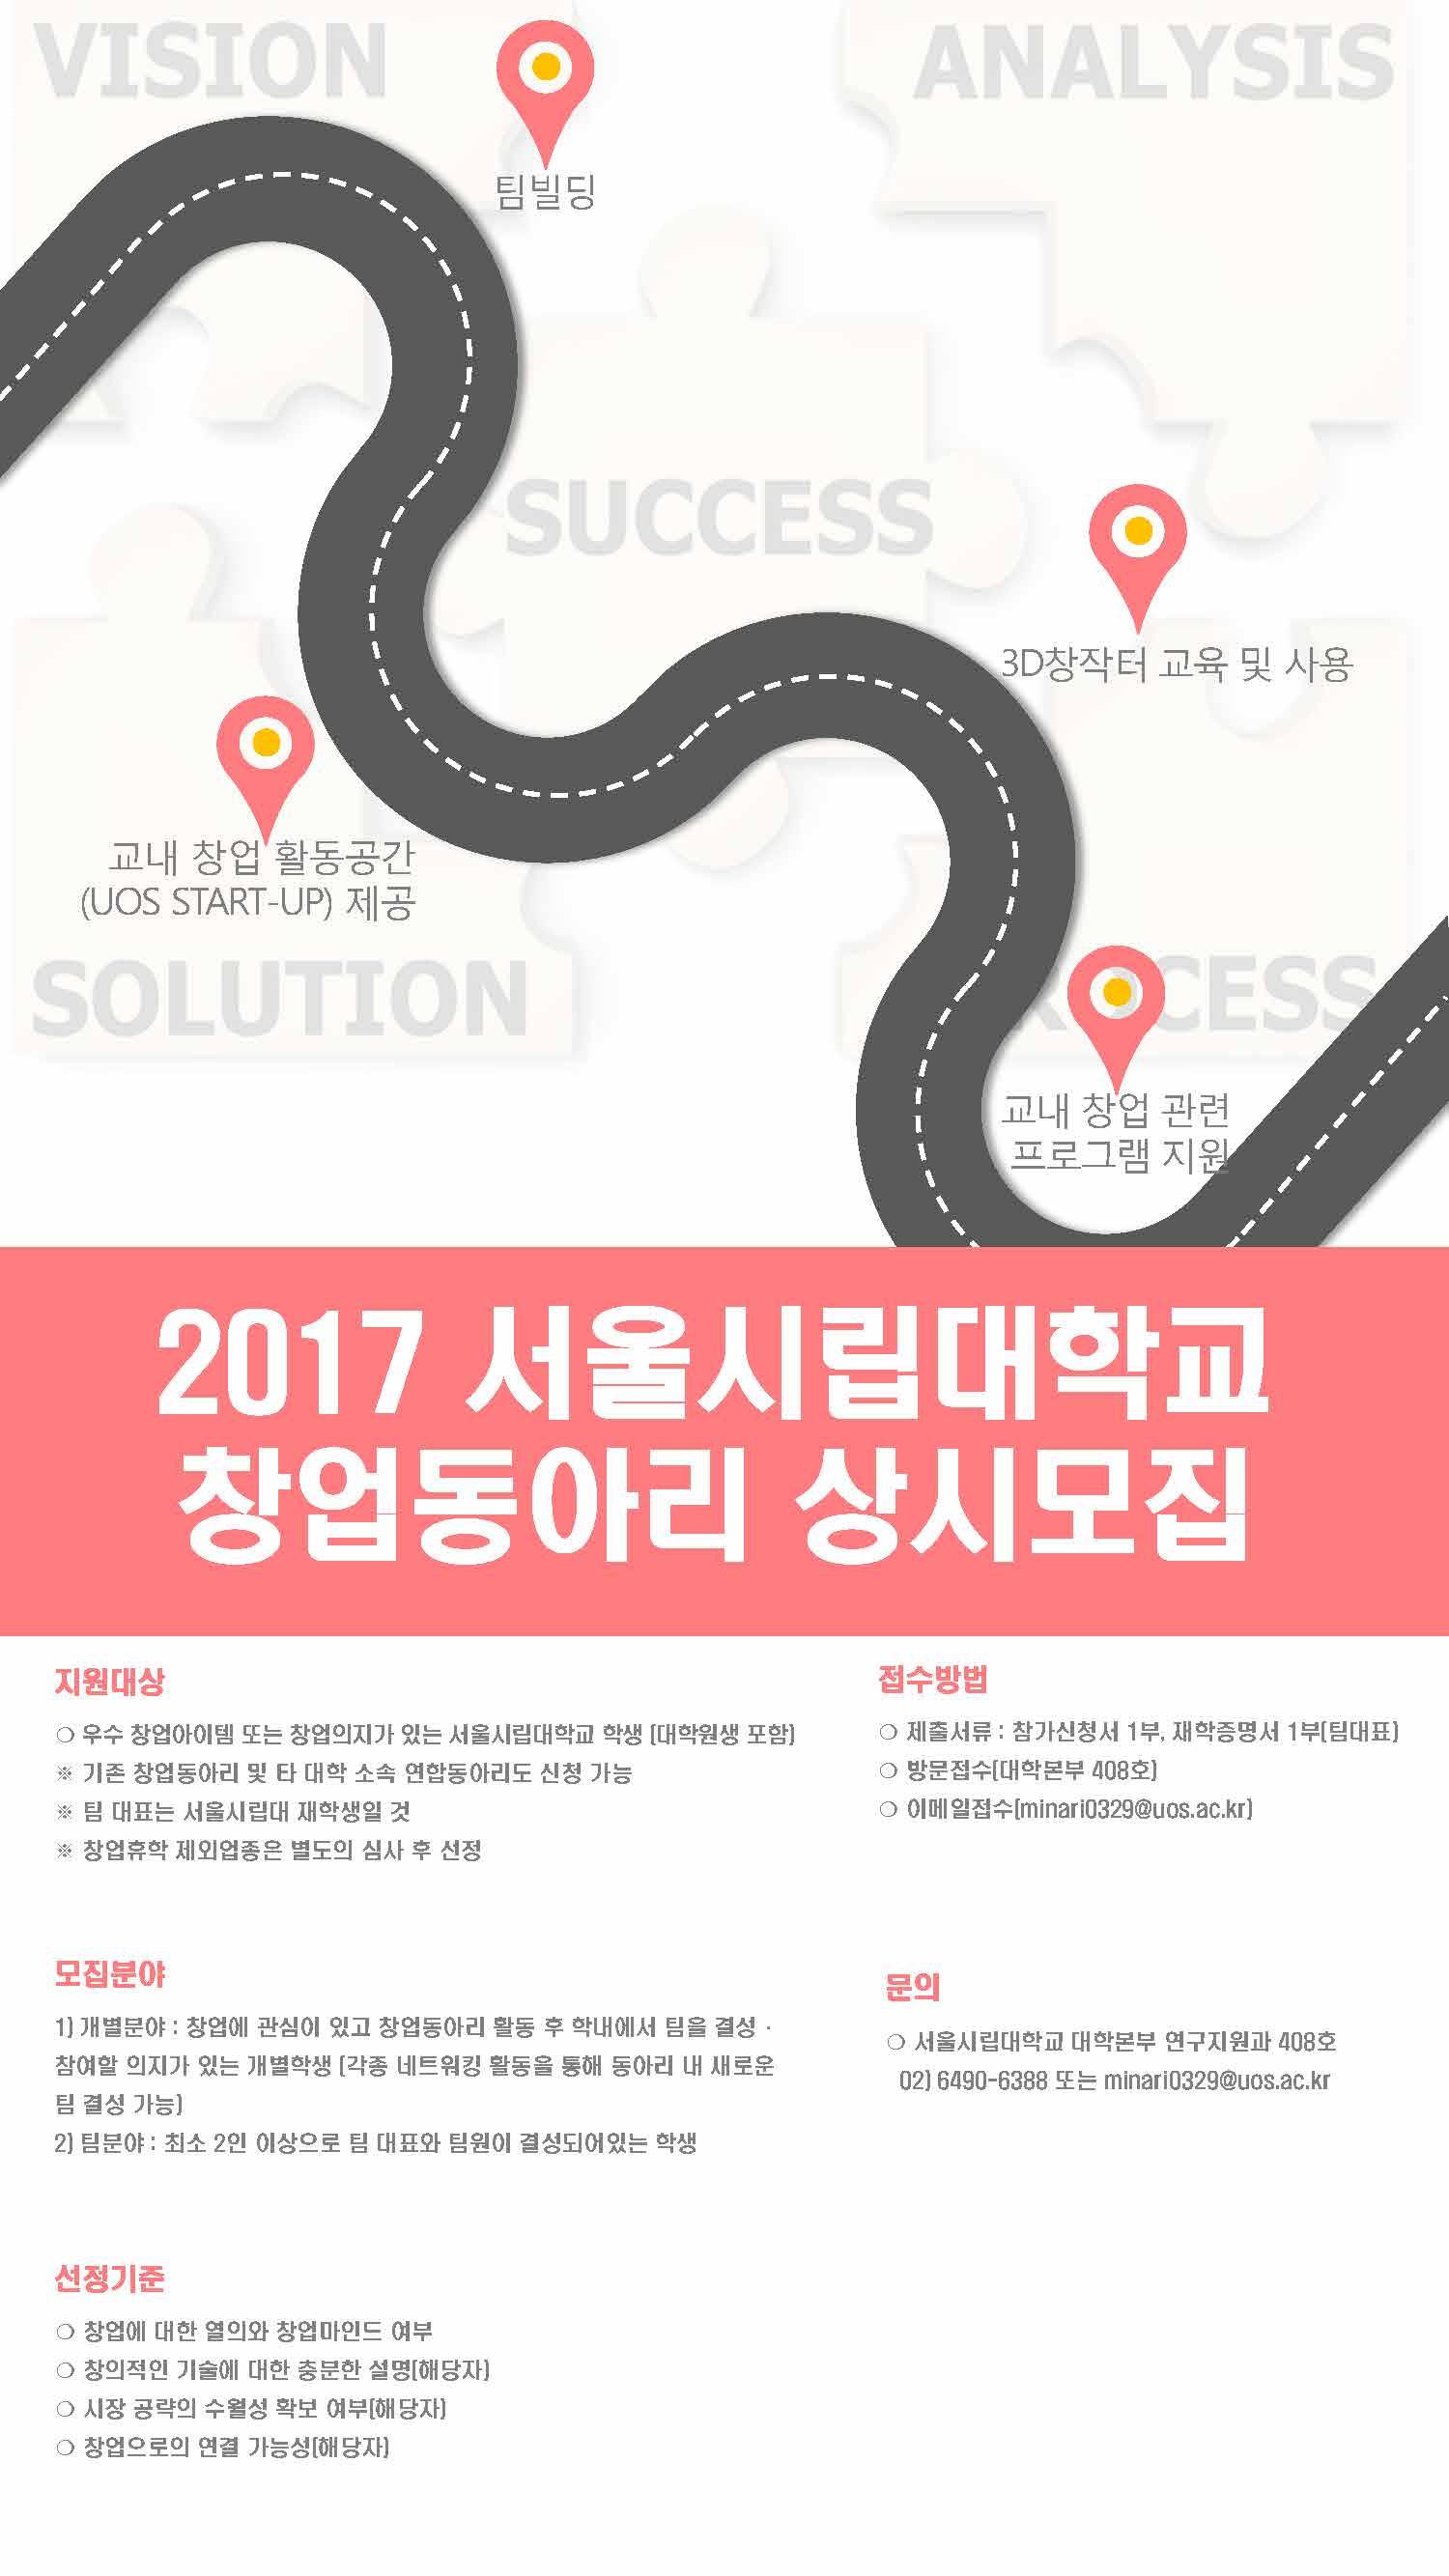 2017년 서울시립대학교 창업동아리 모집(수시)